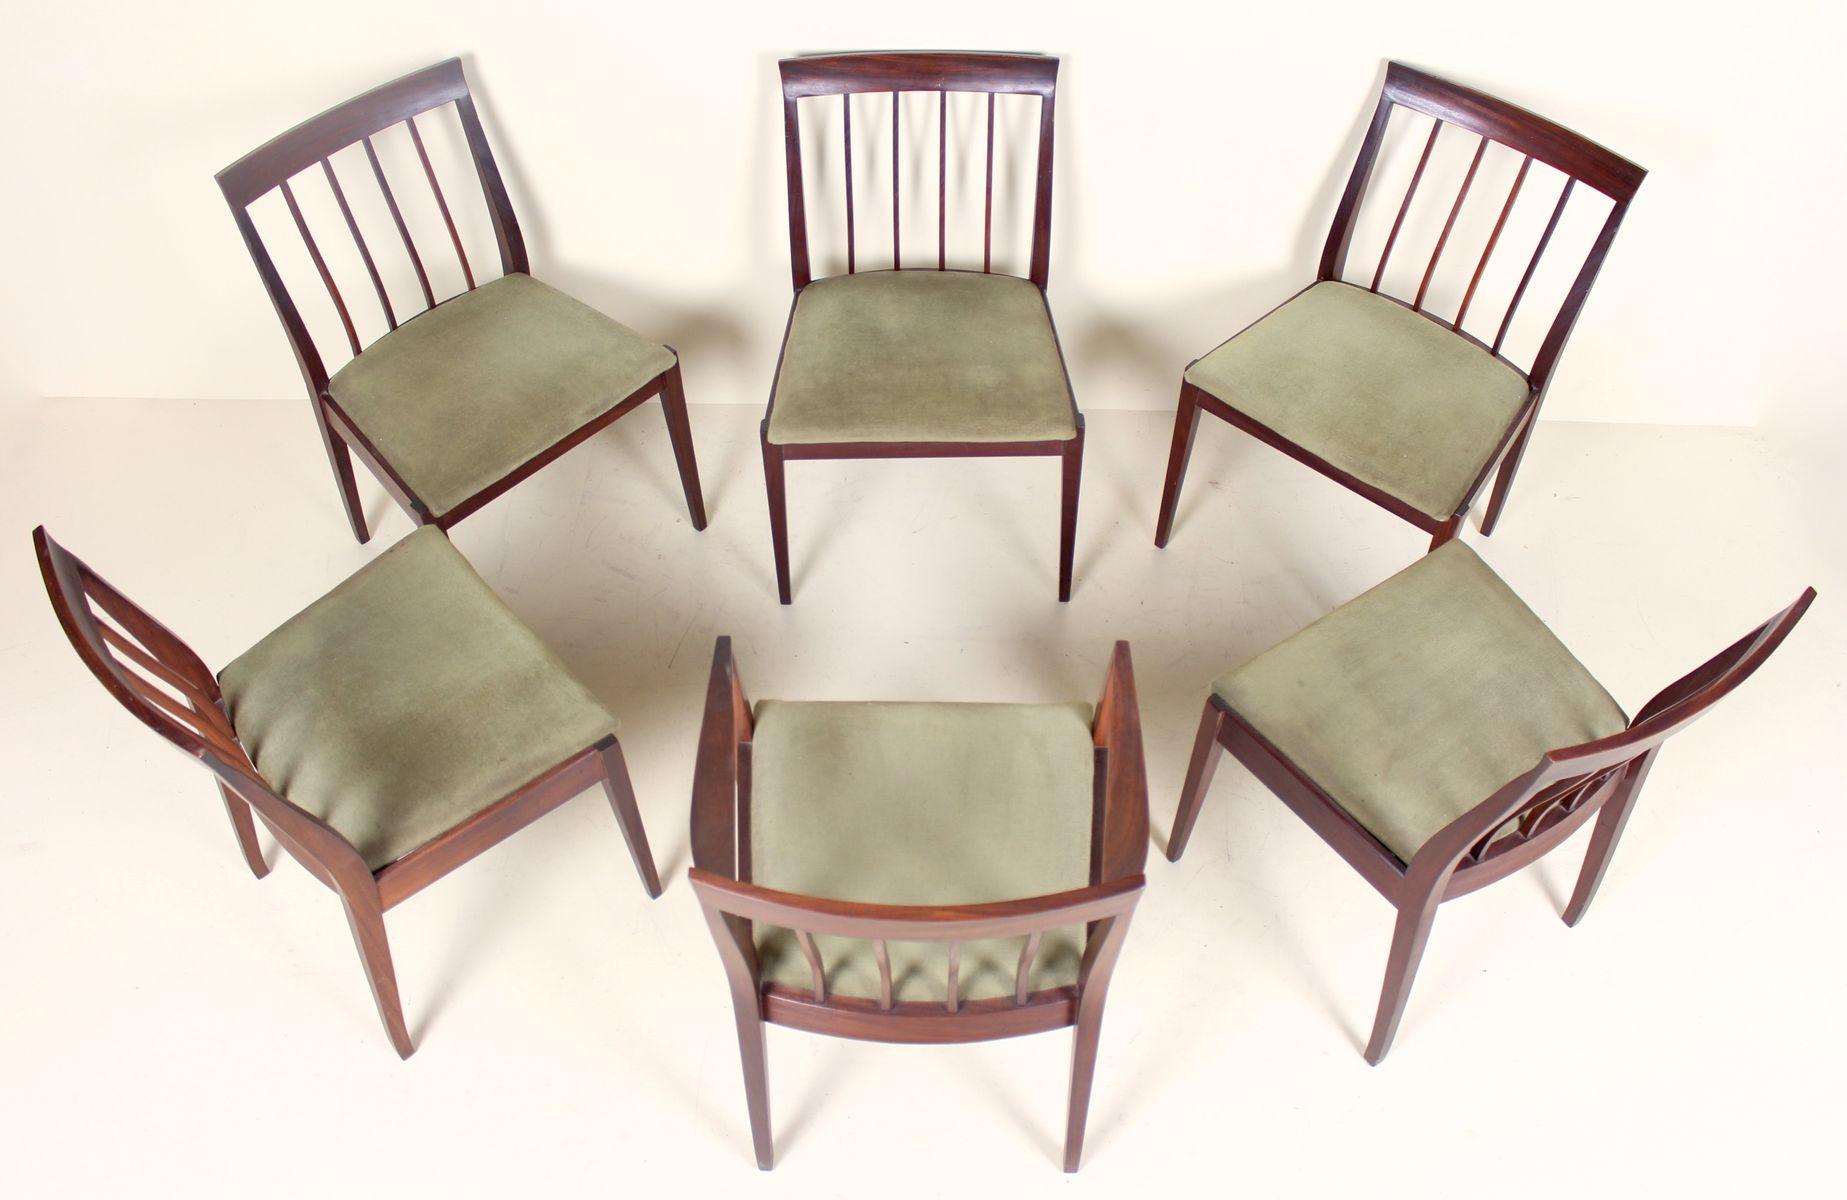 Esstisch 6 Stühle : vintage esstisch 6 st hle 1970er bei pamono kaufen ~ Eleganceandgraceweddings.com Haus und Dekorationen